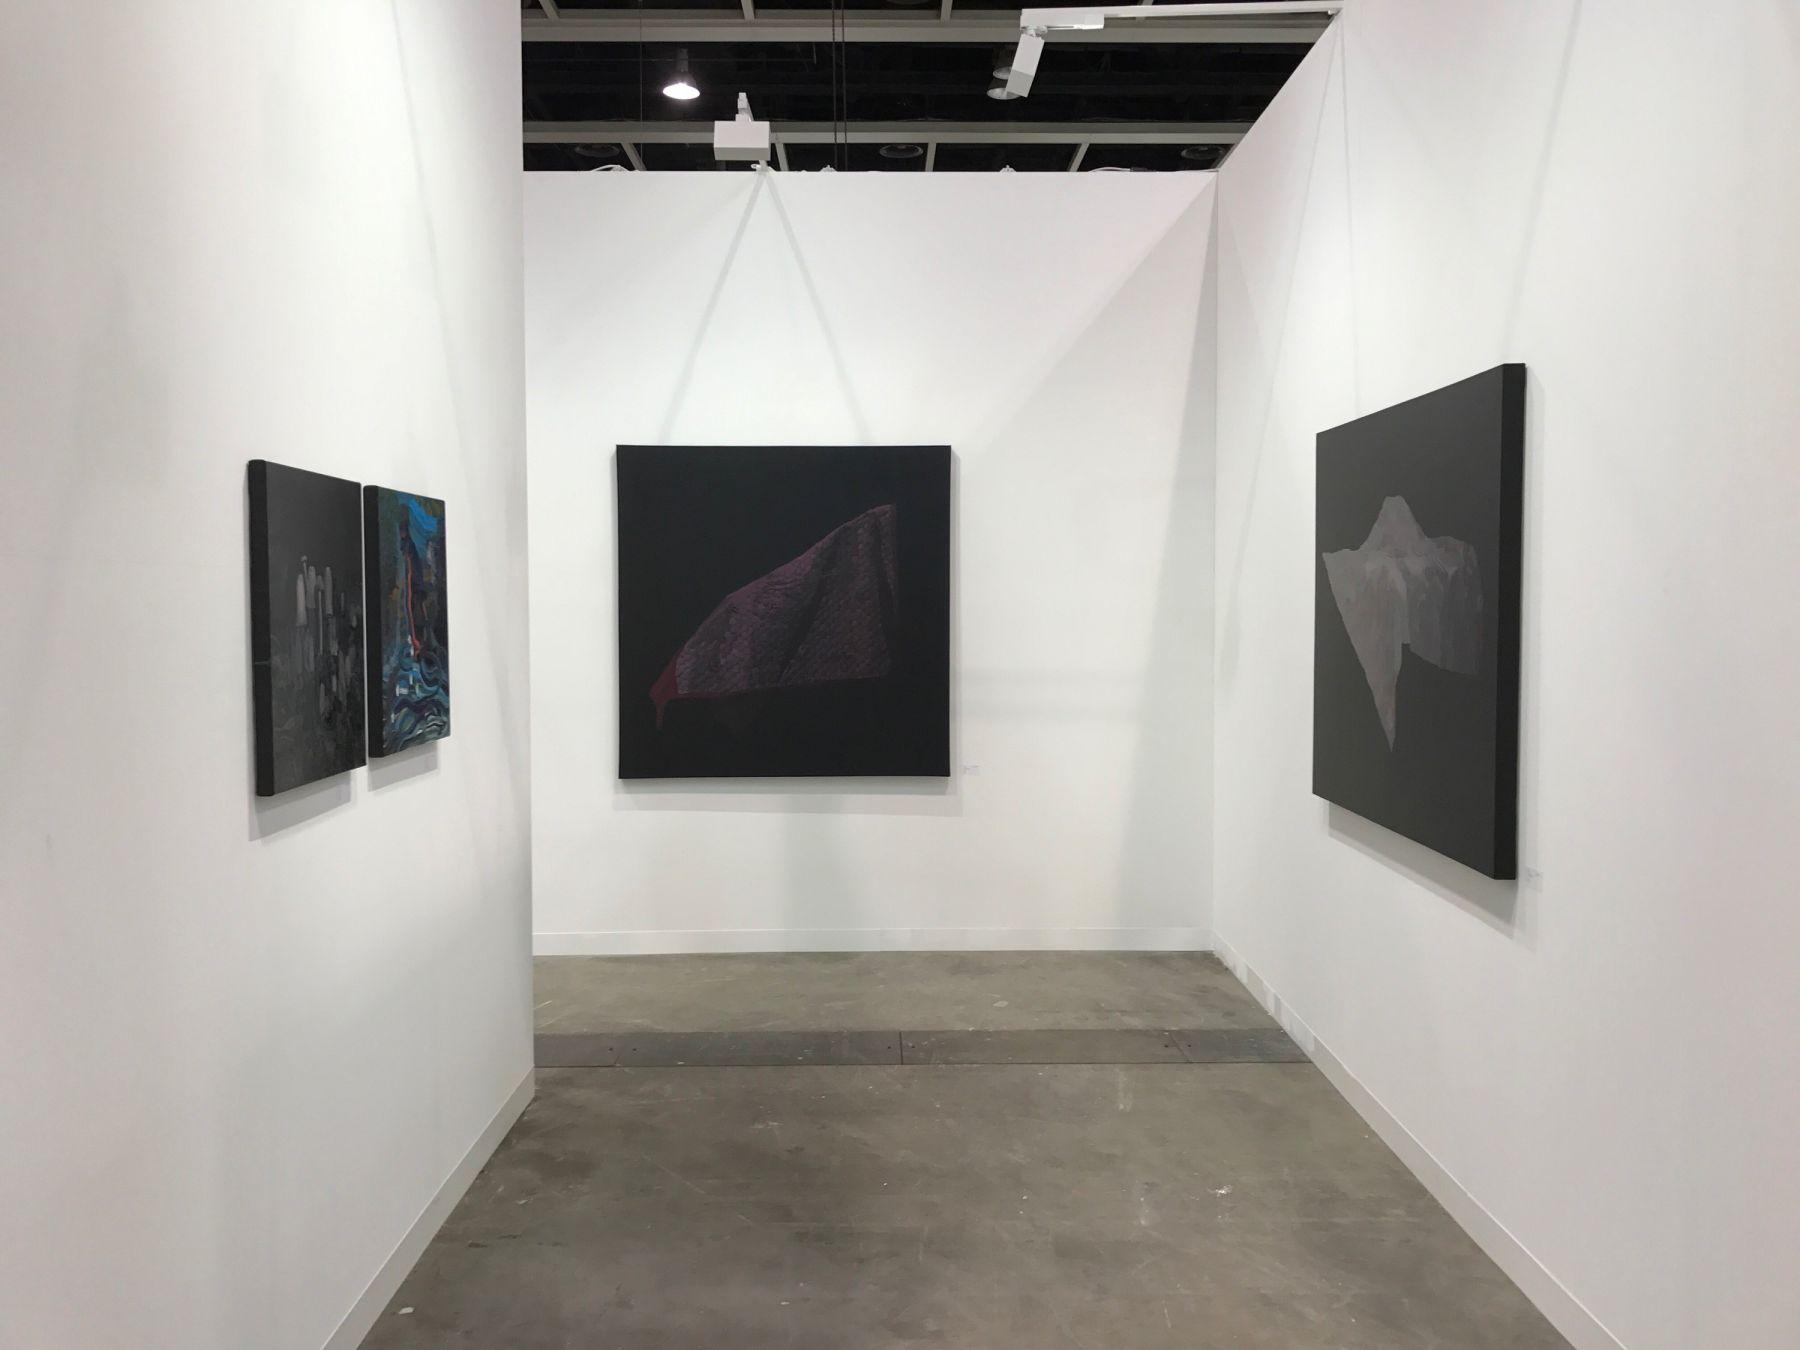 Art Basel Hong Kong 2017, Installation view